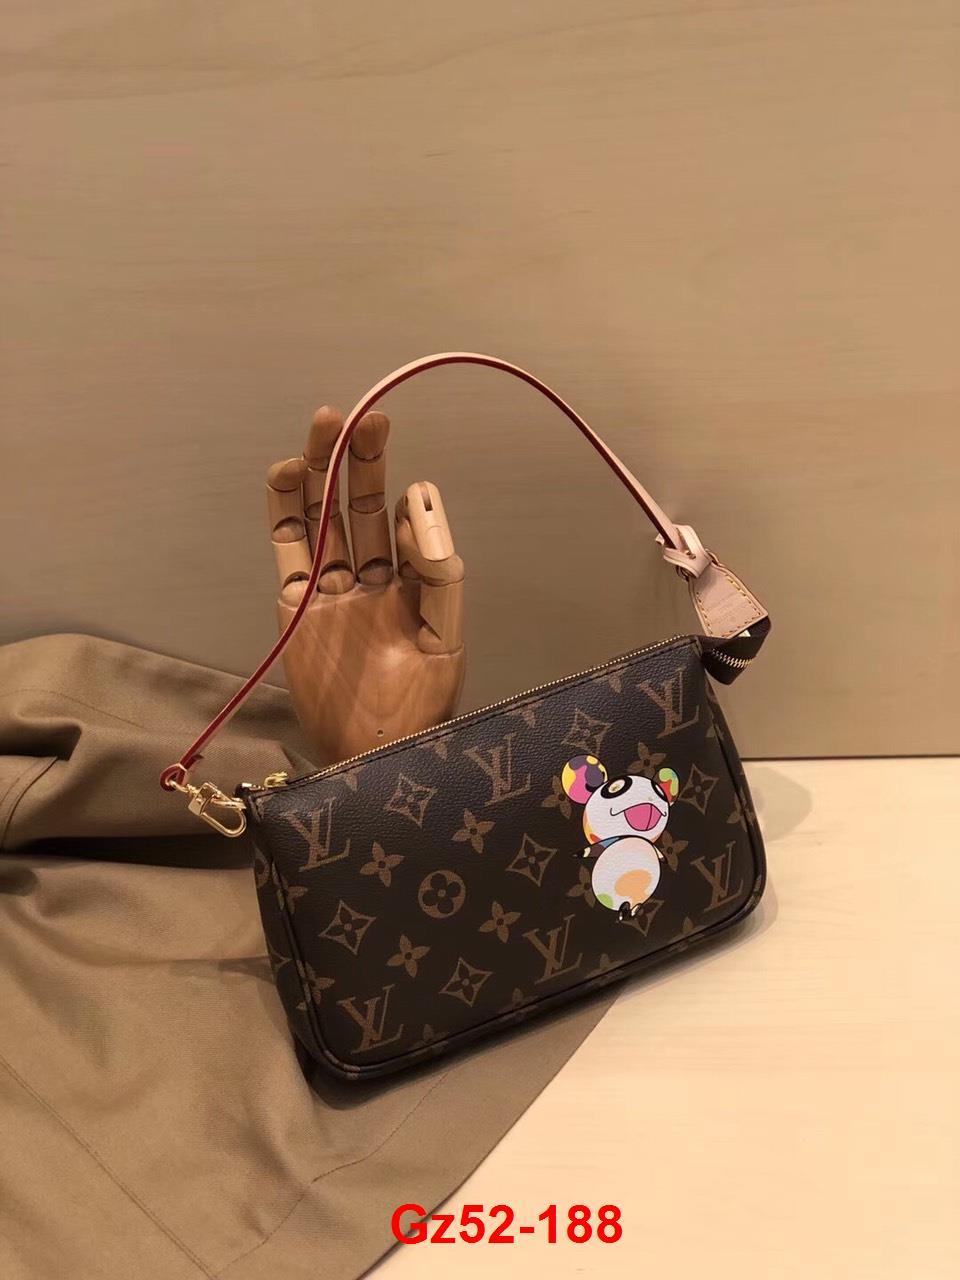 Gz52-188 Louis Vuitton túi size 21cm siêu cấp